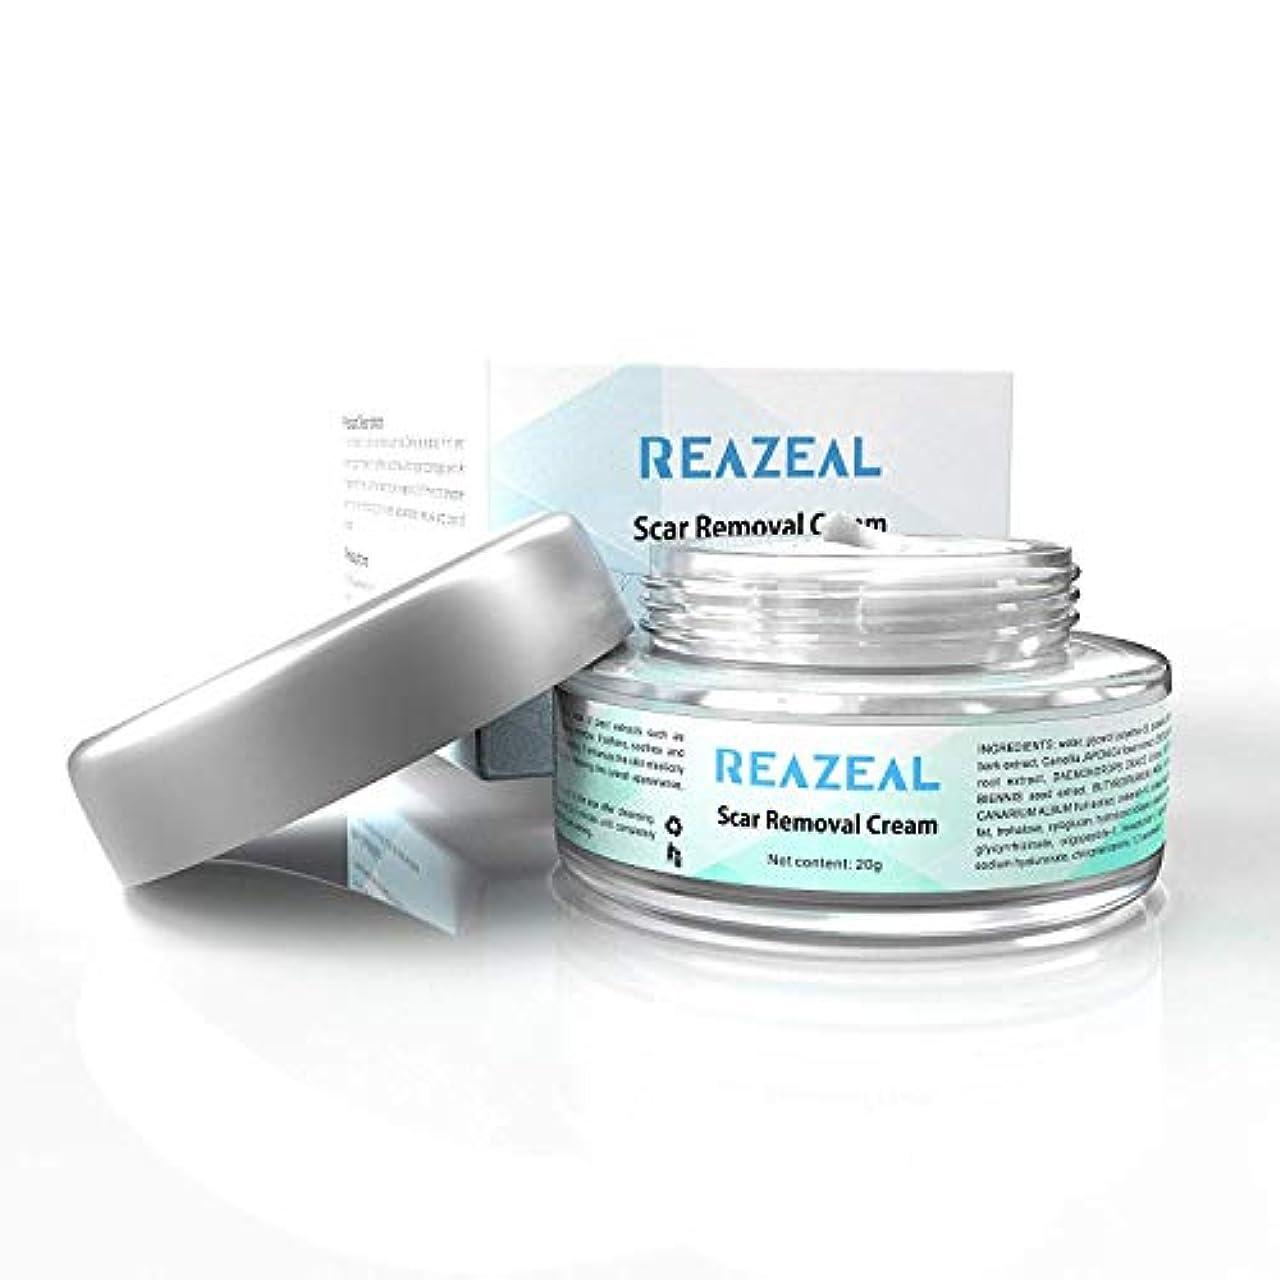 伝統的試してみるアクロバットScar Cream Acne Scar Removal Cream for Old & New Scars on Face & Body Scar Treatment for Cuts Natural Herbal Extracts...